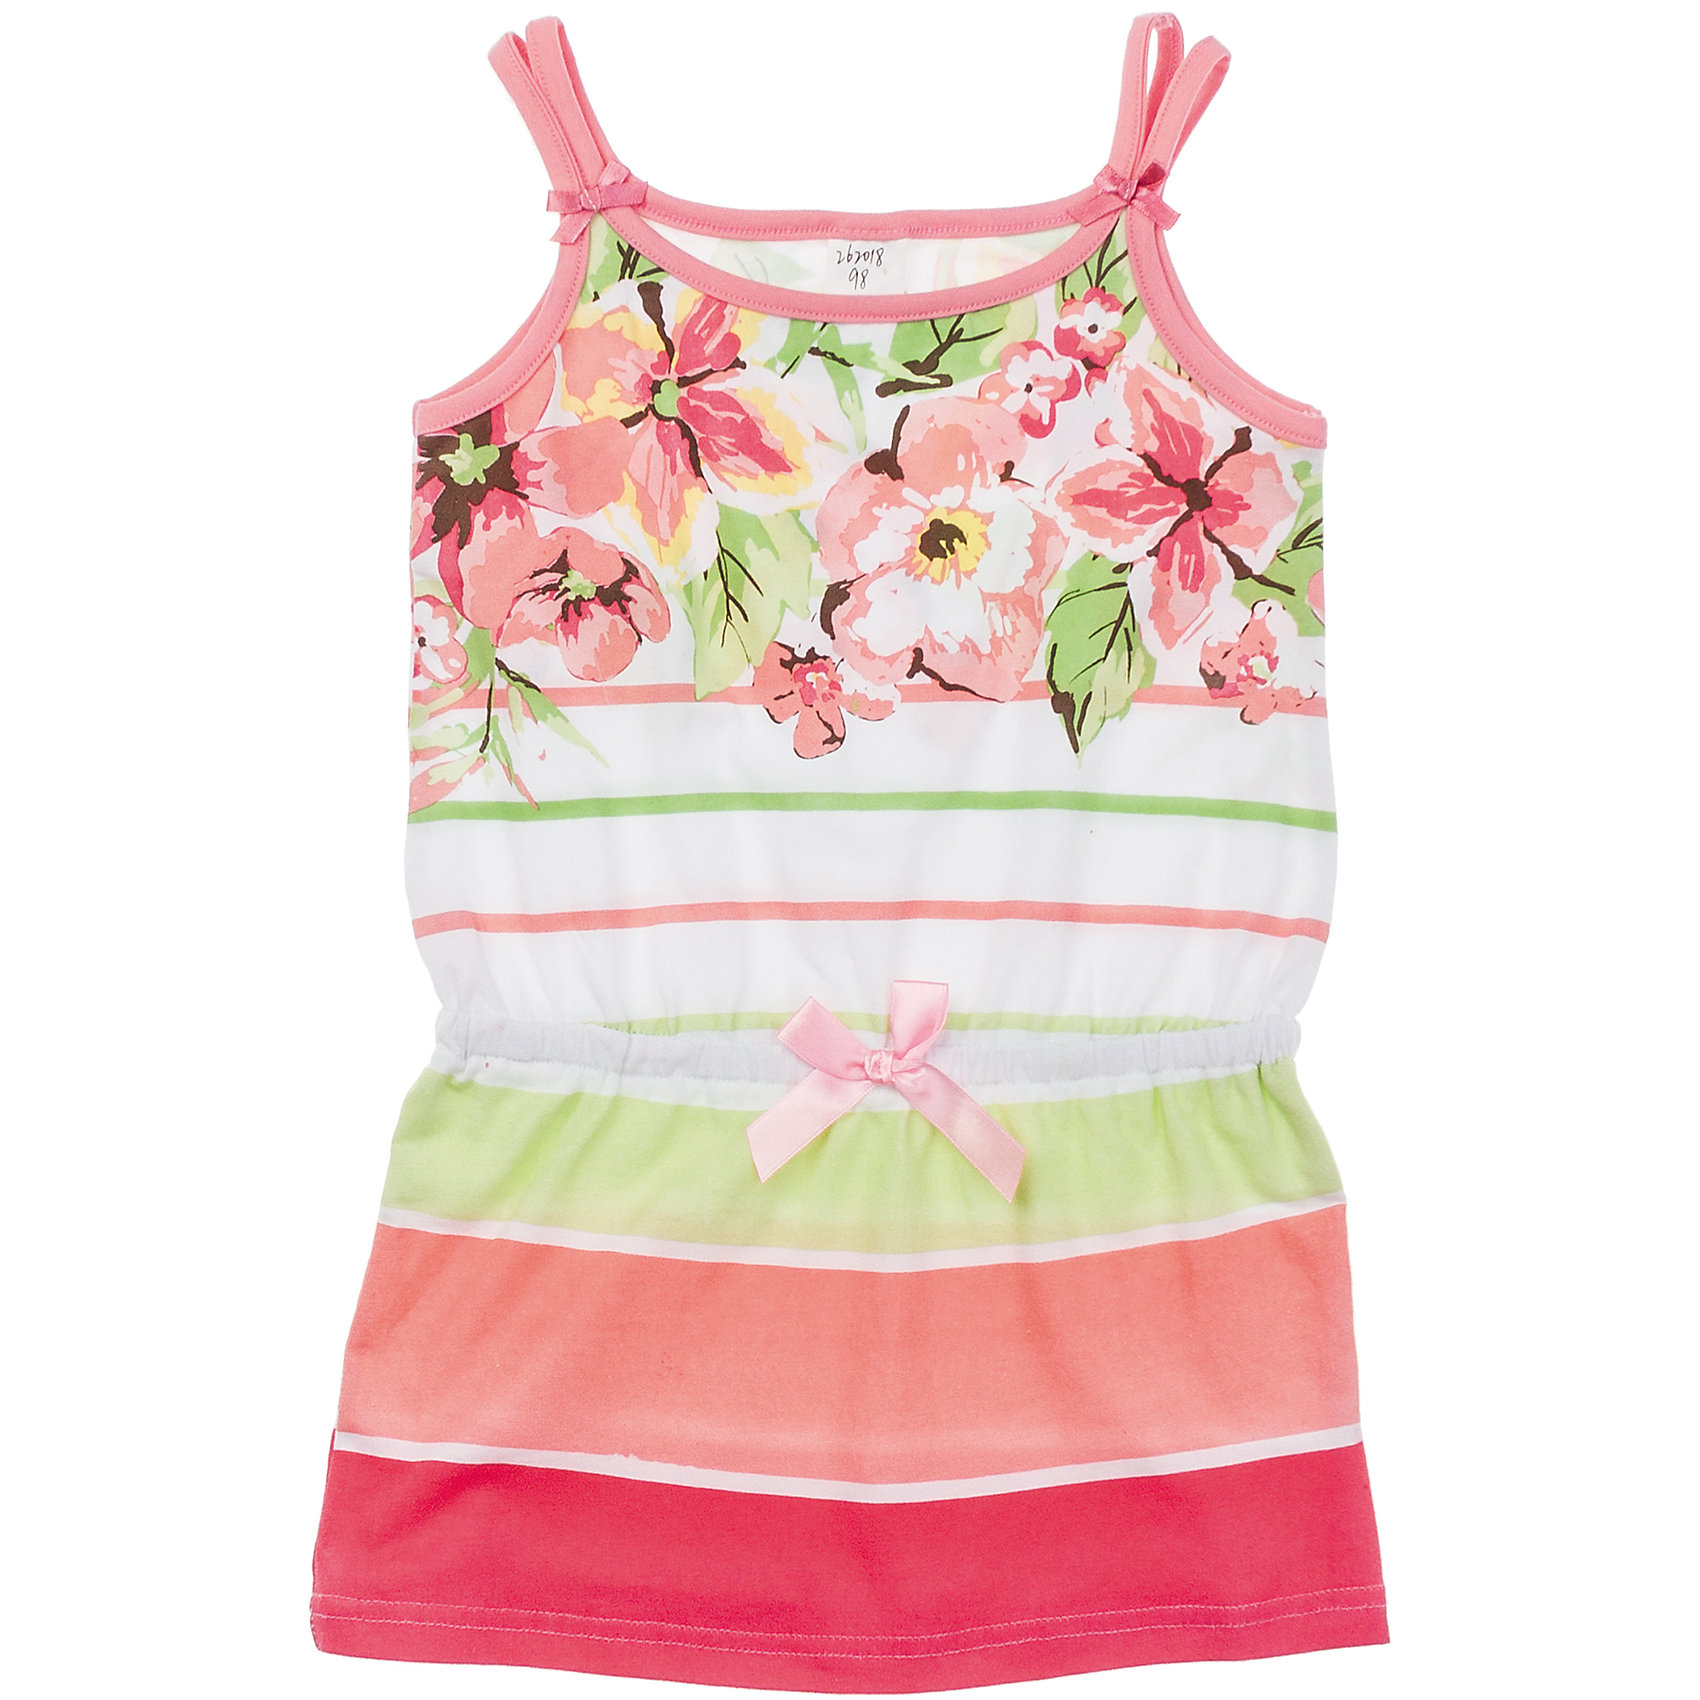 Платье PlayTodayМягкое хлопковое платье в полоску. Украшено водным принтом с нежными цветочками. Пояс на резинке, спереди и сзади бантики. Состав: 95% хлопок, 5% эластан<br><br>Ширина мм: 236<br>Глубина мм: 16<br>Высота мм: 184<br>Вес г: 177<br>Цвет: белый<br>Возраст от месяцев: 48<br>Возраст до месяцев: 60<br>Пол: Женский<br>Возраст: Детский<br>Размер: 98,122,110,116,104,128<br>SKU: 4652693